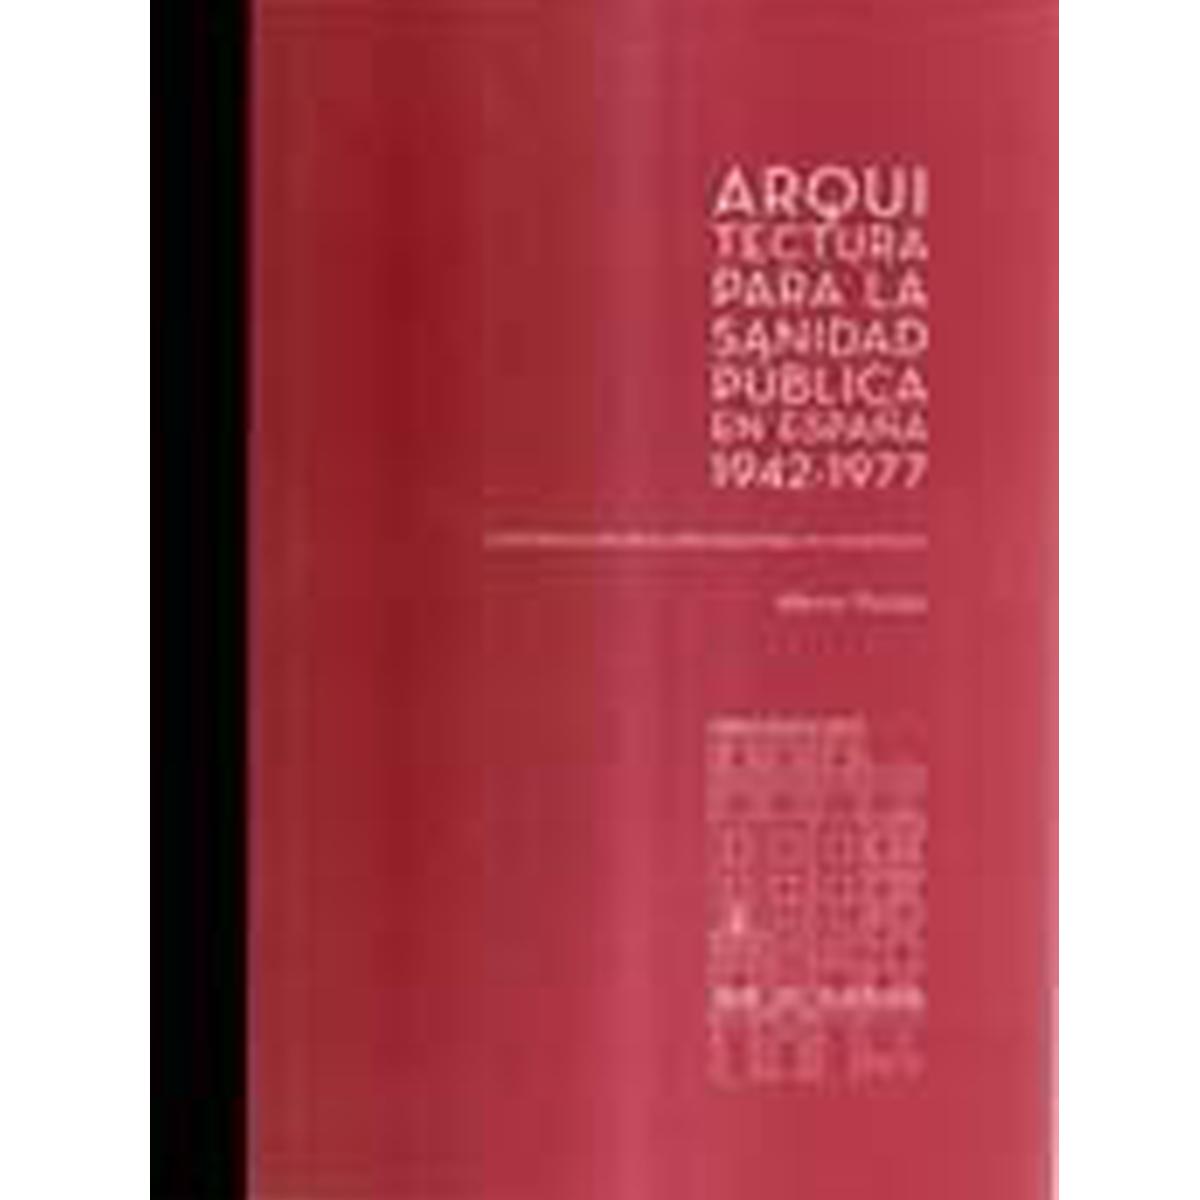 Arquitectura para la Sanidad Pública en España, 1942-1977